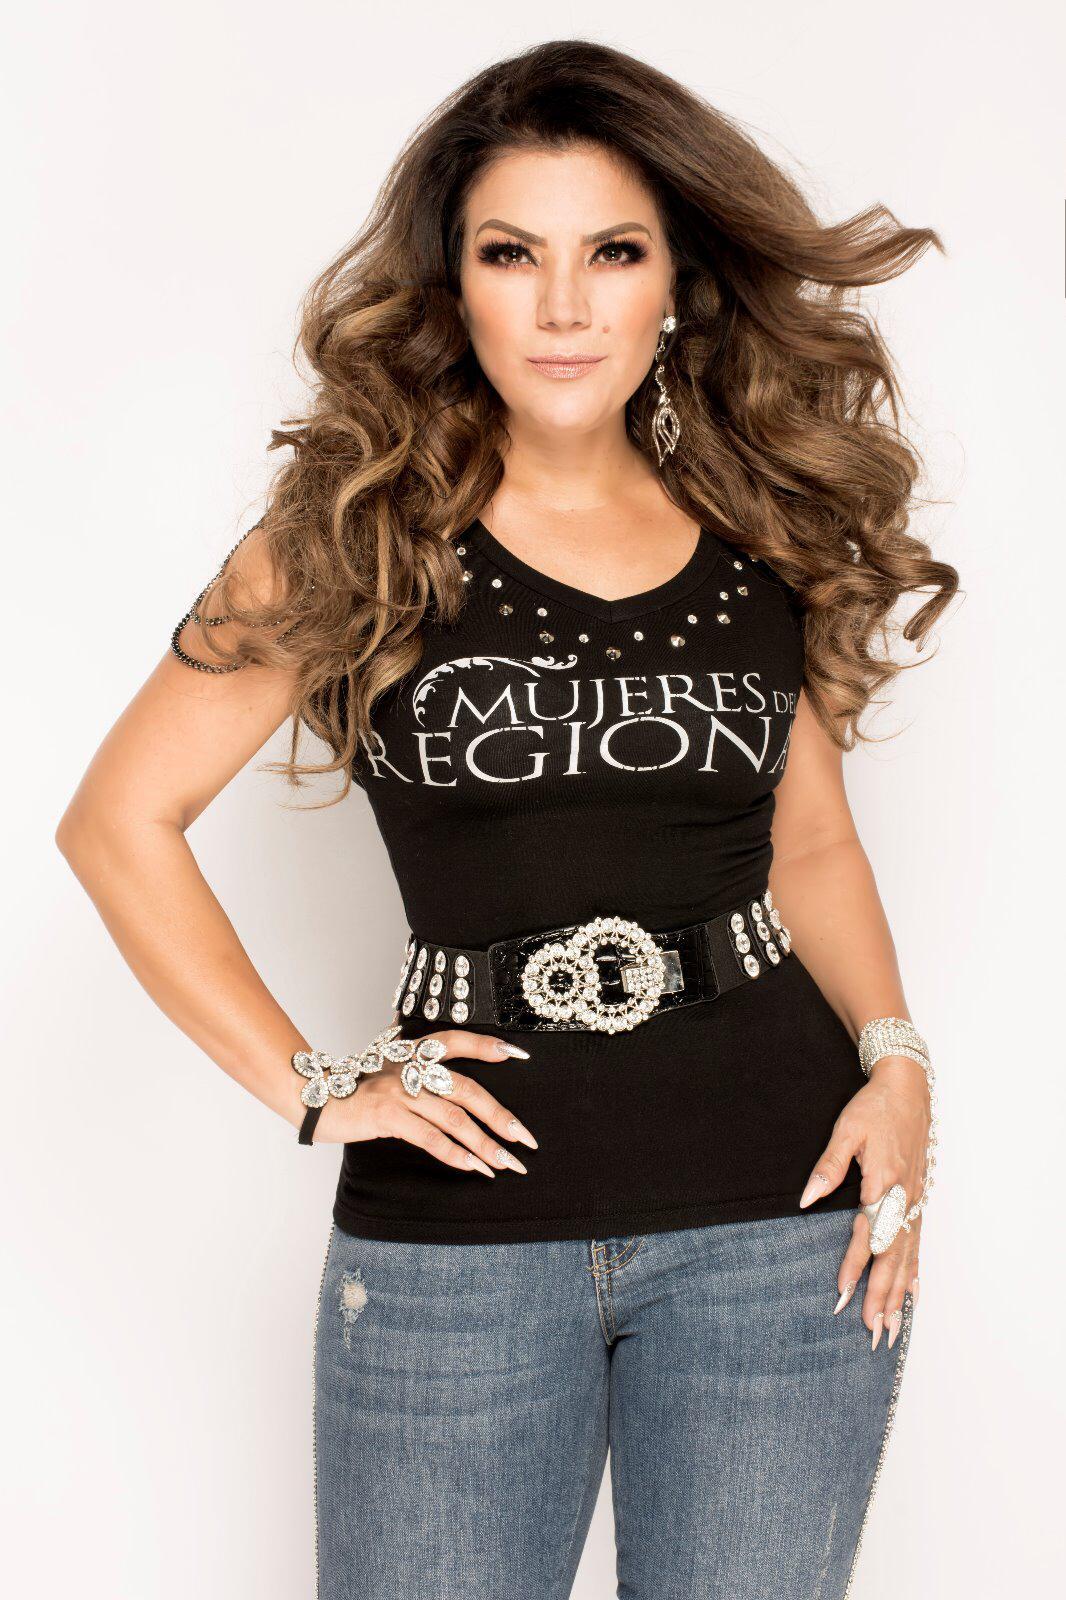 Diana Reyes